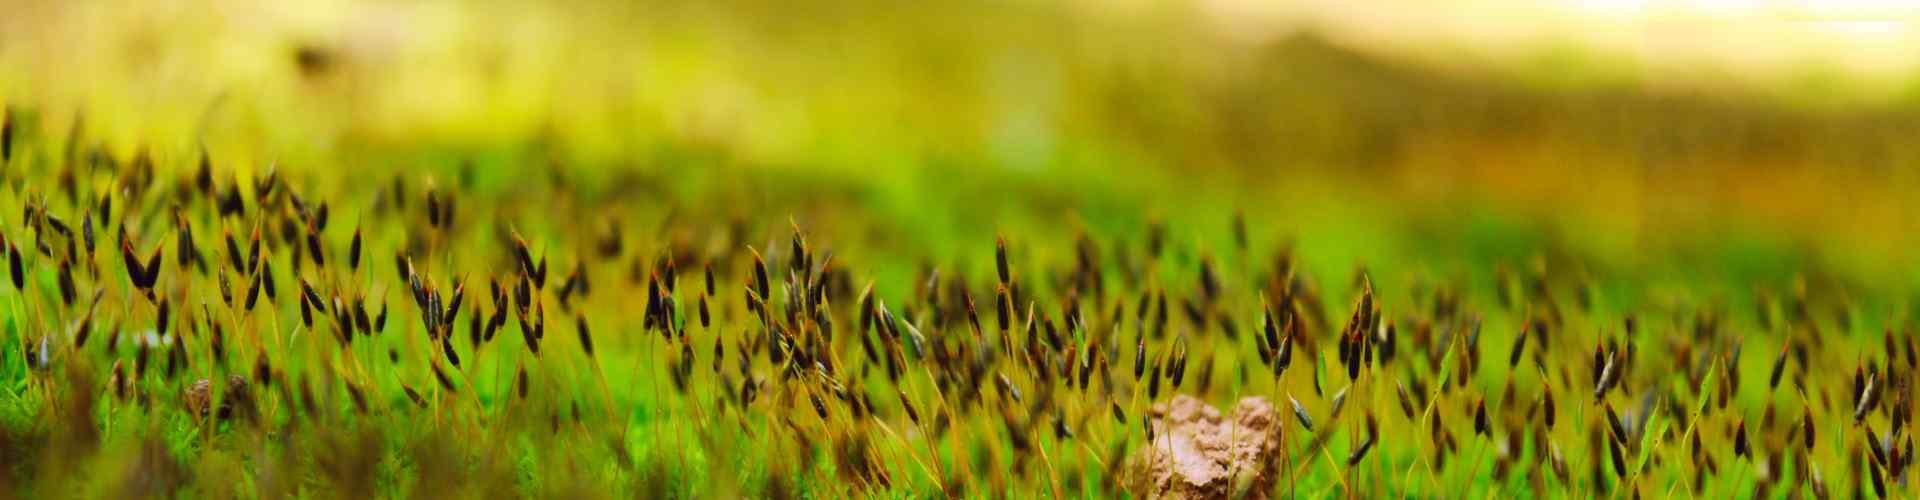 青苔_苔藓植物_苔藓植物图片_青苔植物图片_苔藓盆景_植物壁纸